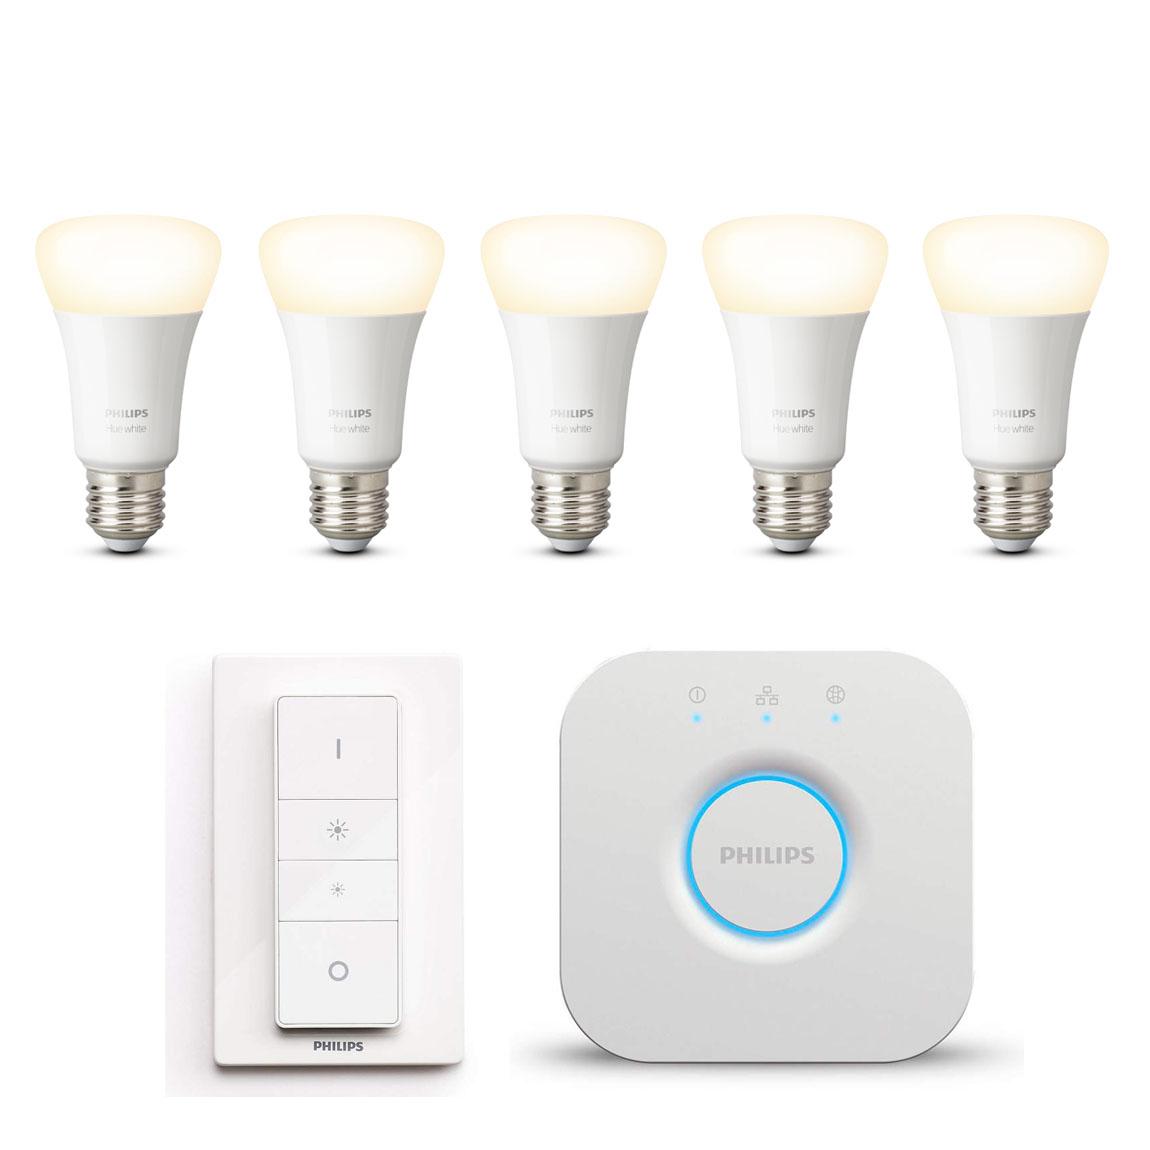 Philips Hue White E27 Bluetooth Starter Kit - 5 Lampen, Bridge, Dimmschalter